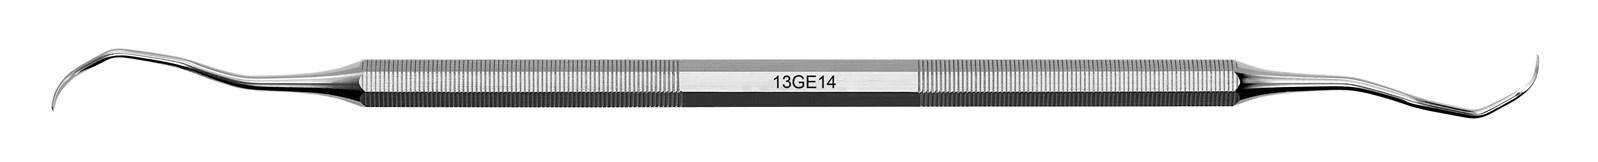 Kyreta Gracey Classic - 13GE14, ADEP silikonový návlek tmavě zelený